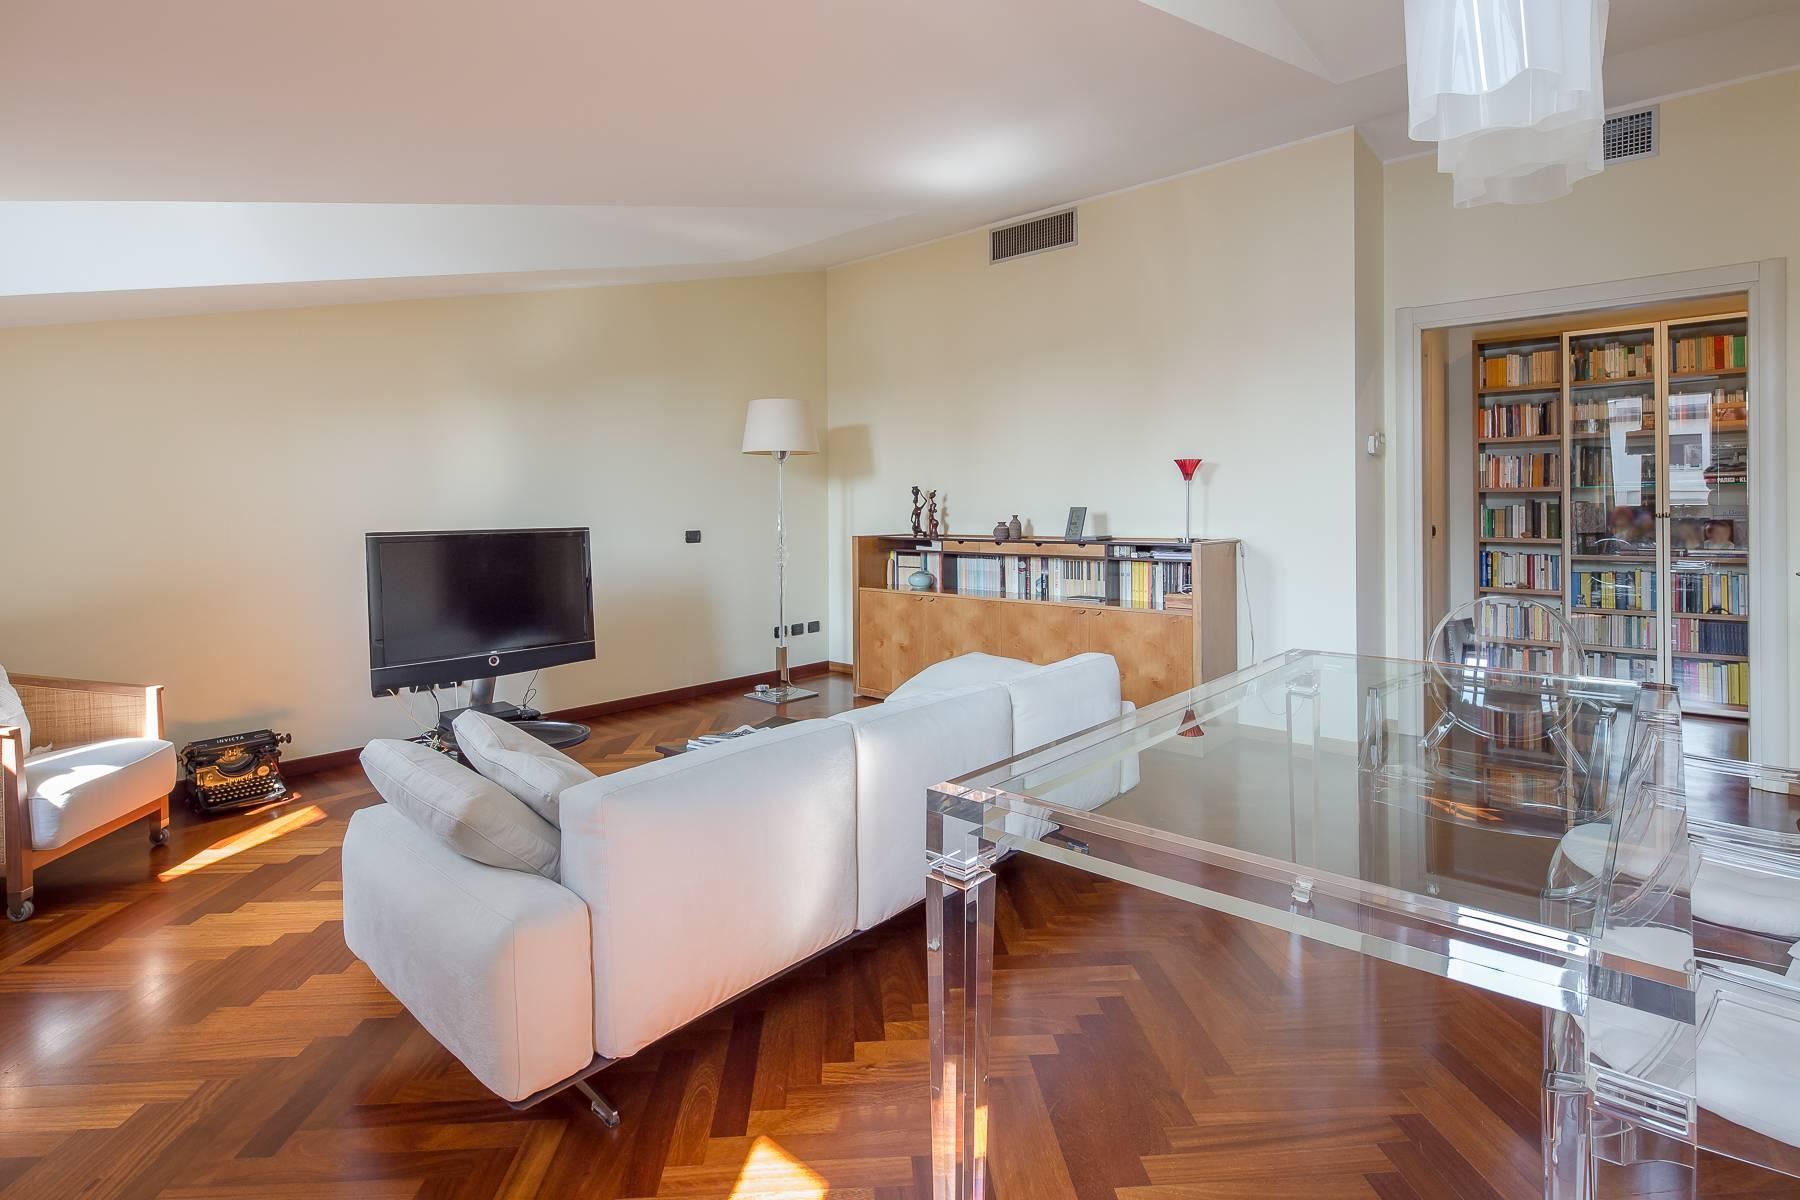 Grazioso appartamento mansardato con 4 camere in Magenta - 1